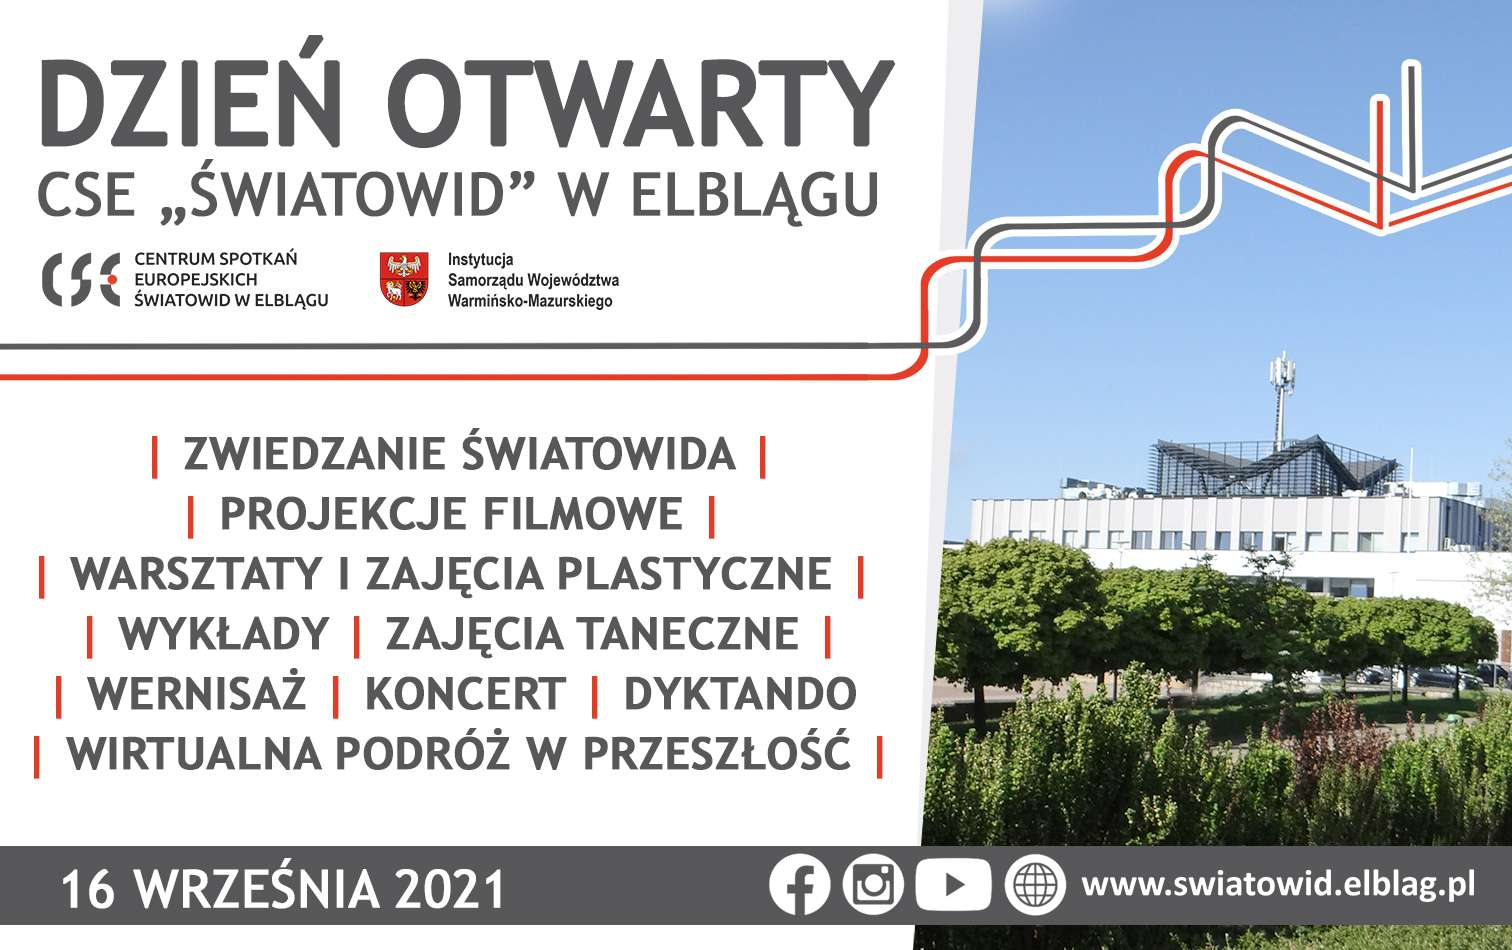 """Dzień Otwarty CSE """"Światowid"""" w Elblągu!"""